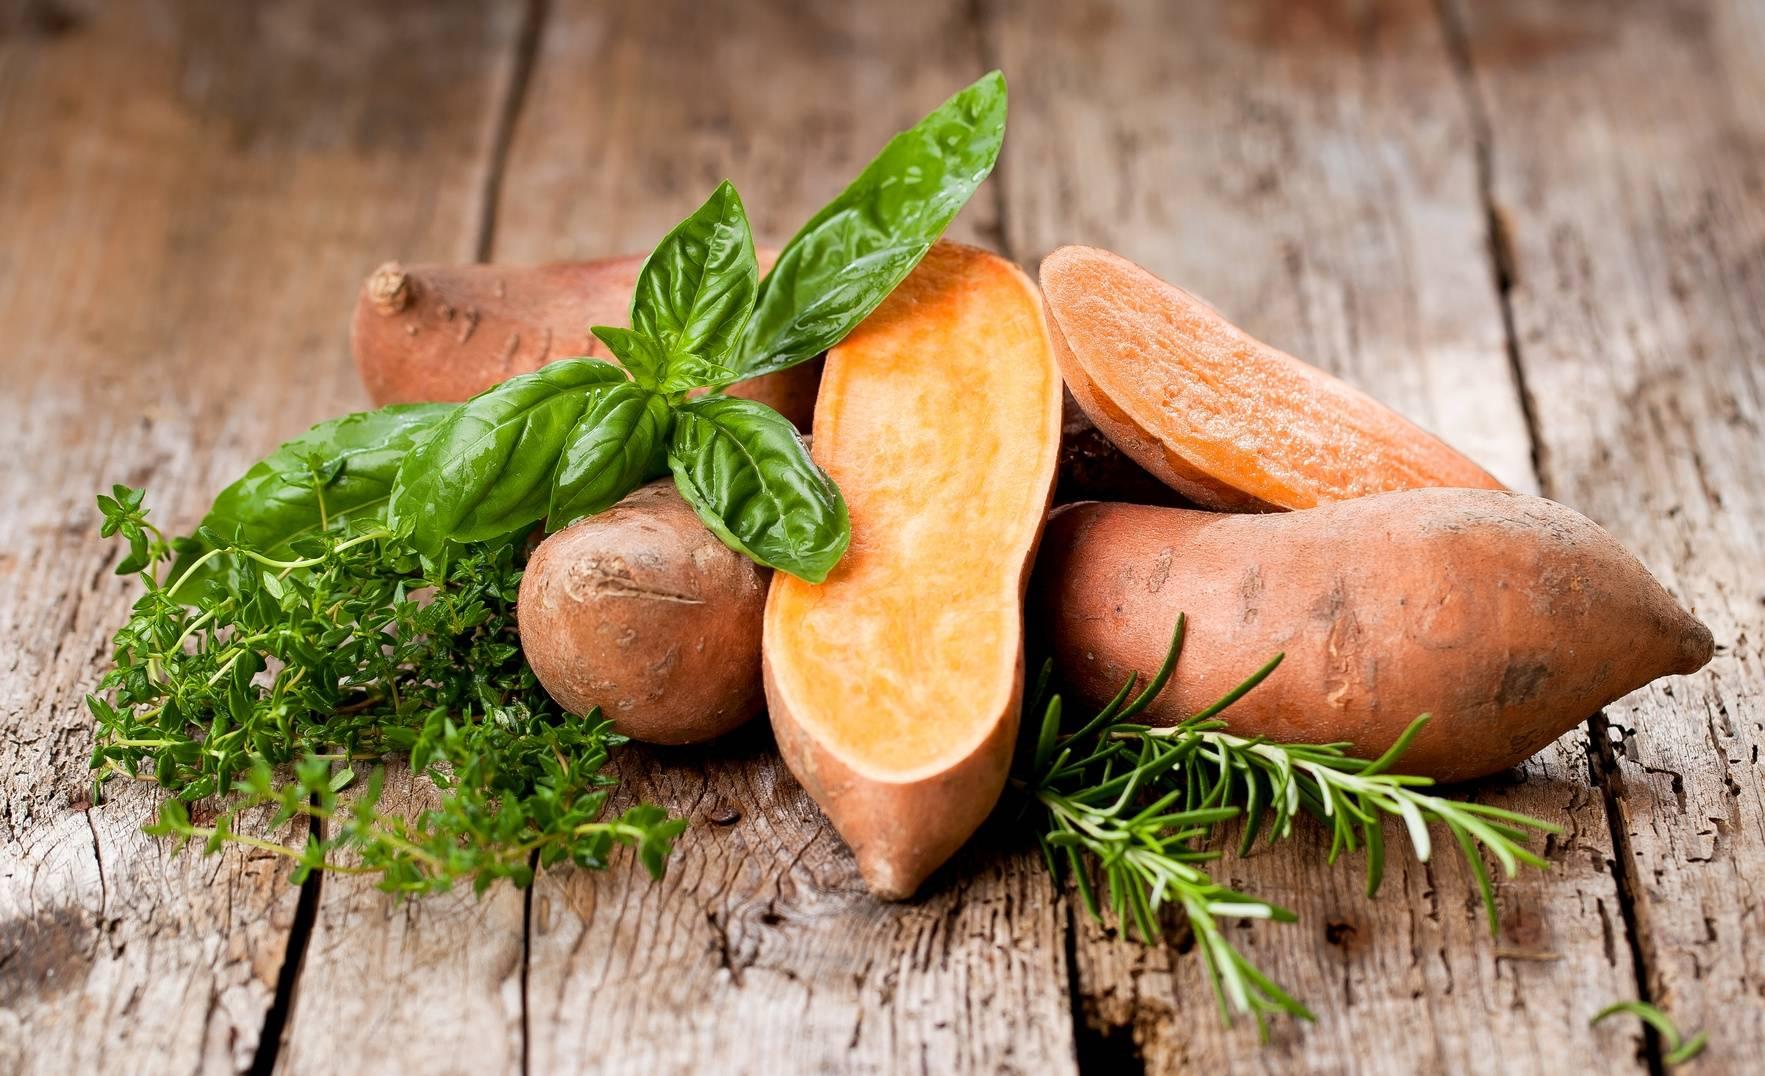 Bataty - słodkie ziemniaki. Przepisy z batatów.